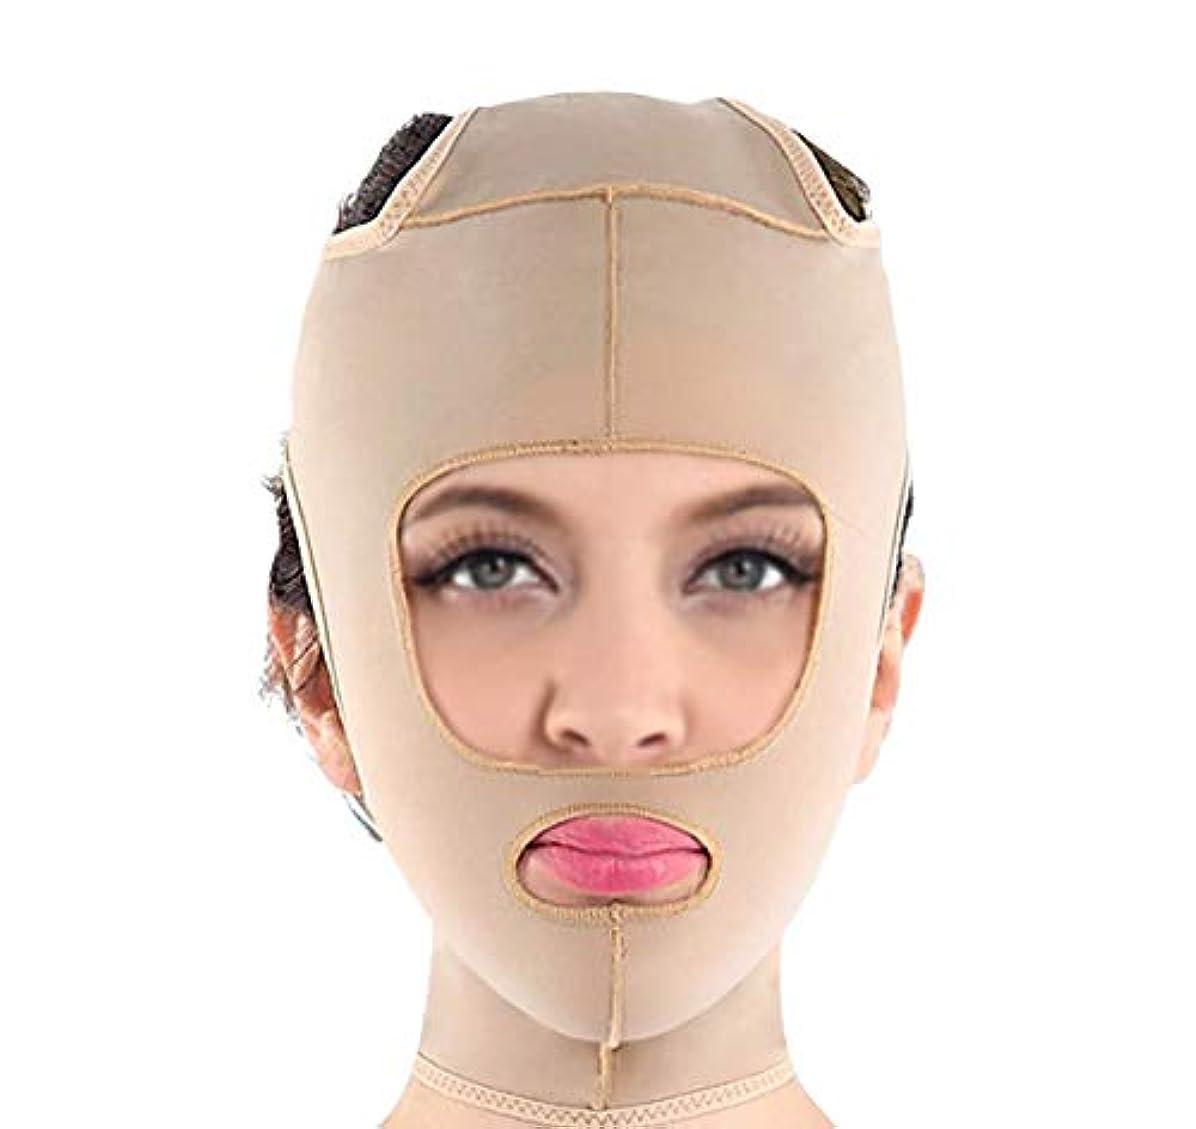 はちみつ継続中誰かフェイスリフティングマスクで肌をよりしっかりと保ち、V字型の顔を形作り、超薄型の通気性、調節可能で快適な着用感(サイズ:Xl),S